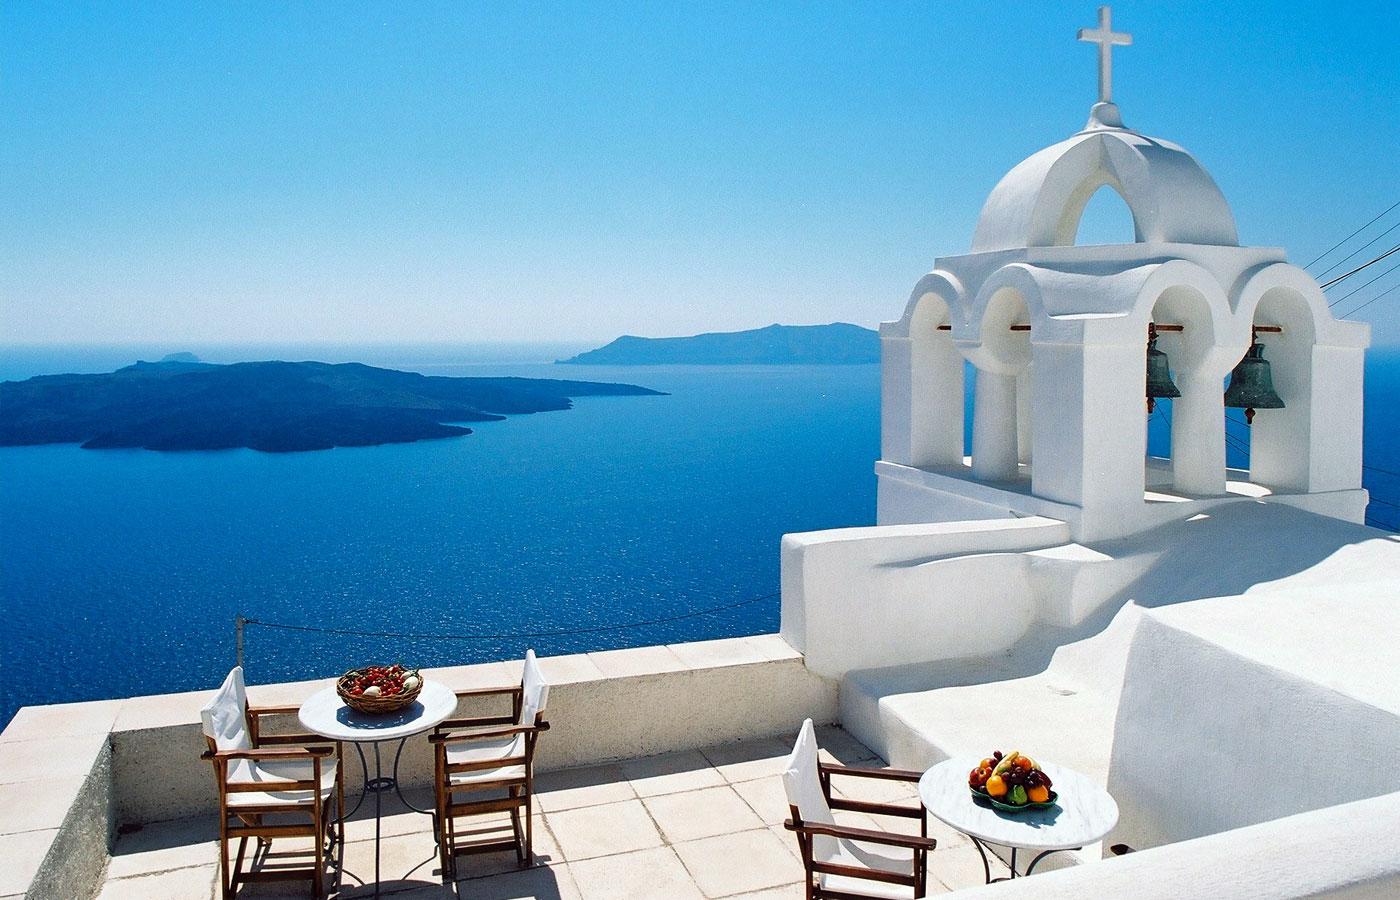 leto 2016 Santorini Grčka letovanje Kamari, Oia, Fira, Perisa